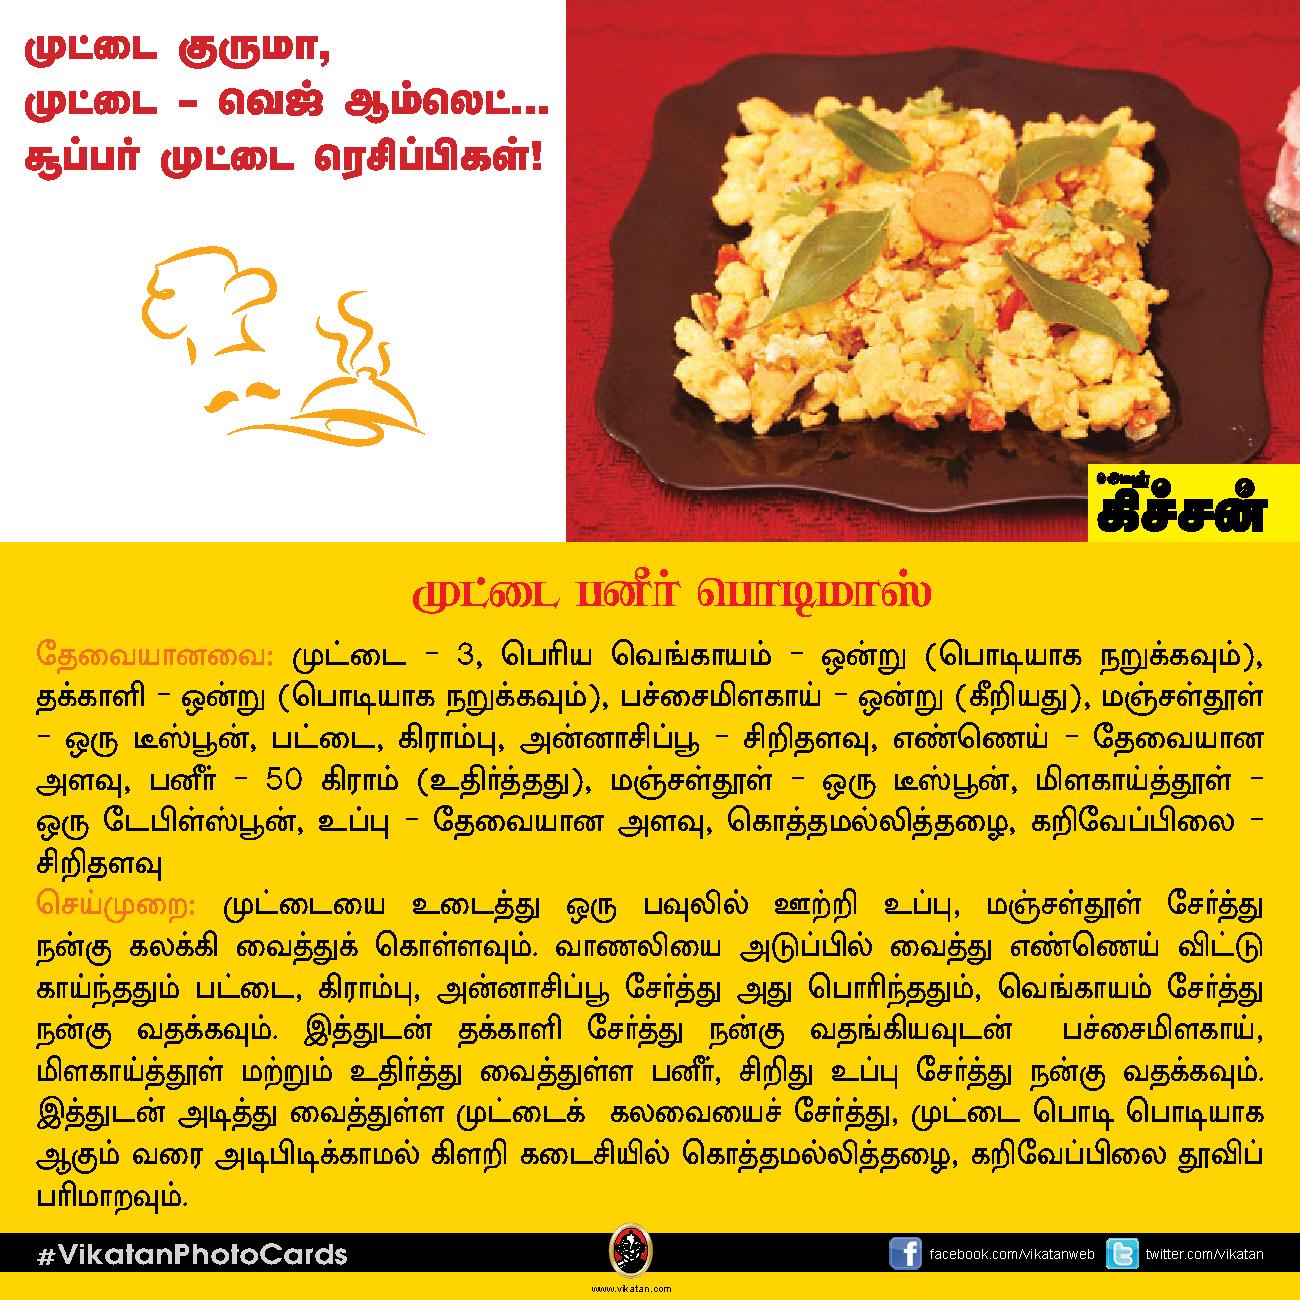 முட்டை குருமா, முட்டை - வெஜ் ஆம்லெட்... சூப்பர் முட்டை ரெசிப்பிகள்! #VikatanPhotoCards